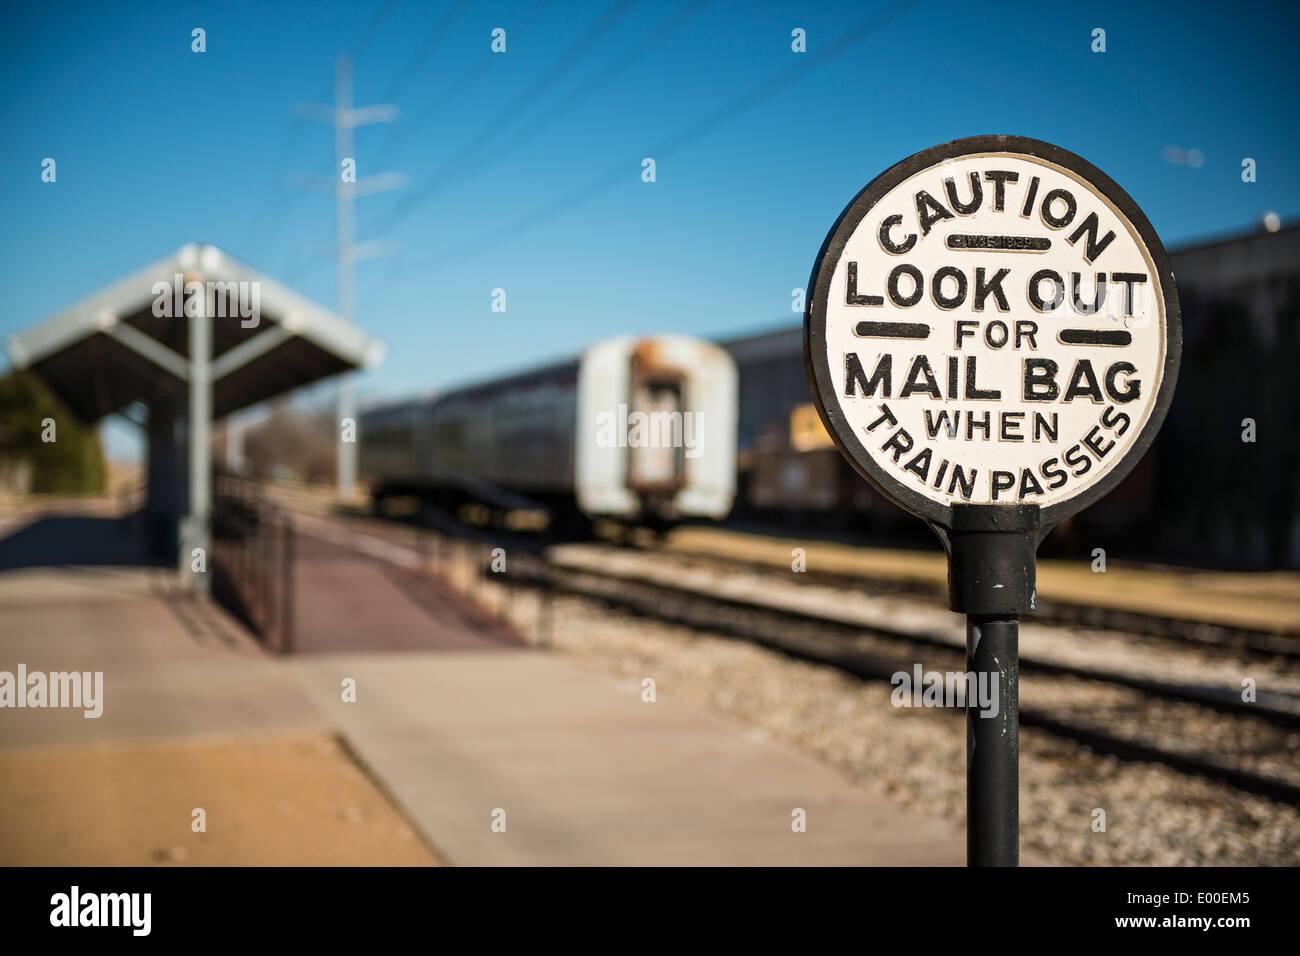 Ancienne voie ferrée passant d'avertissement relatif aux sacs de courrier sur les trains. Photo Stock